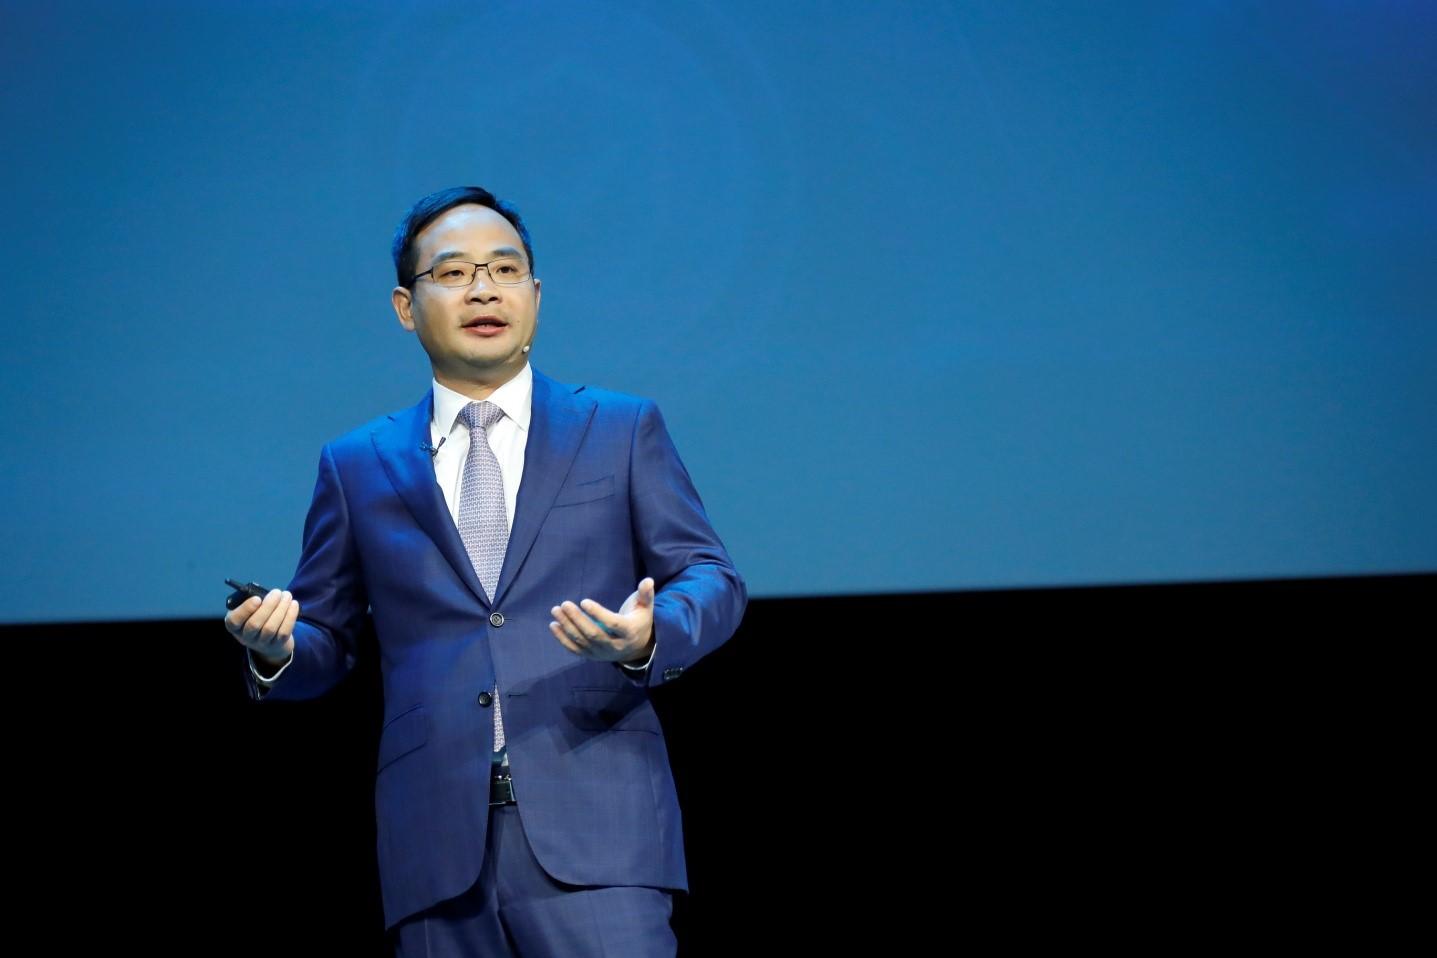 郑叶来:华为云不碰数据 以技术为客户带来新价值